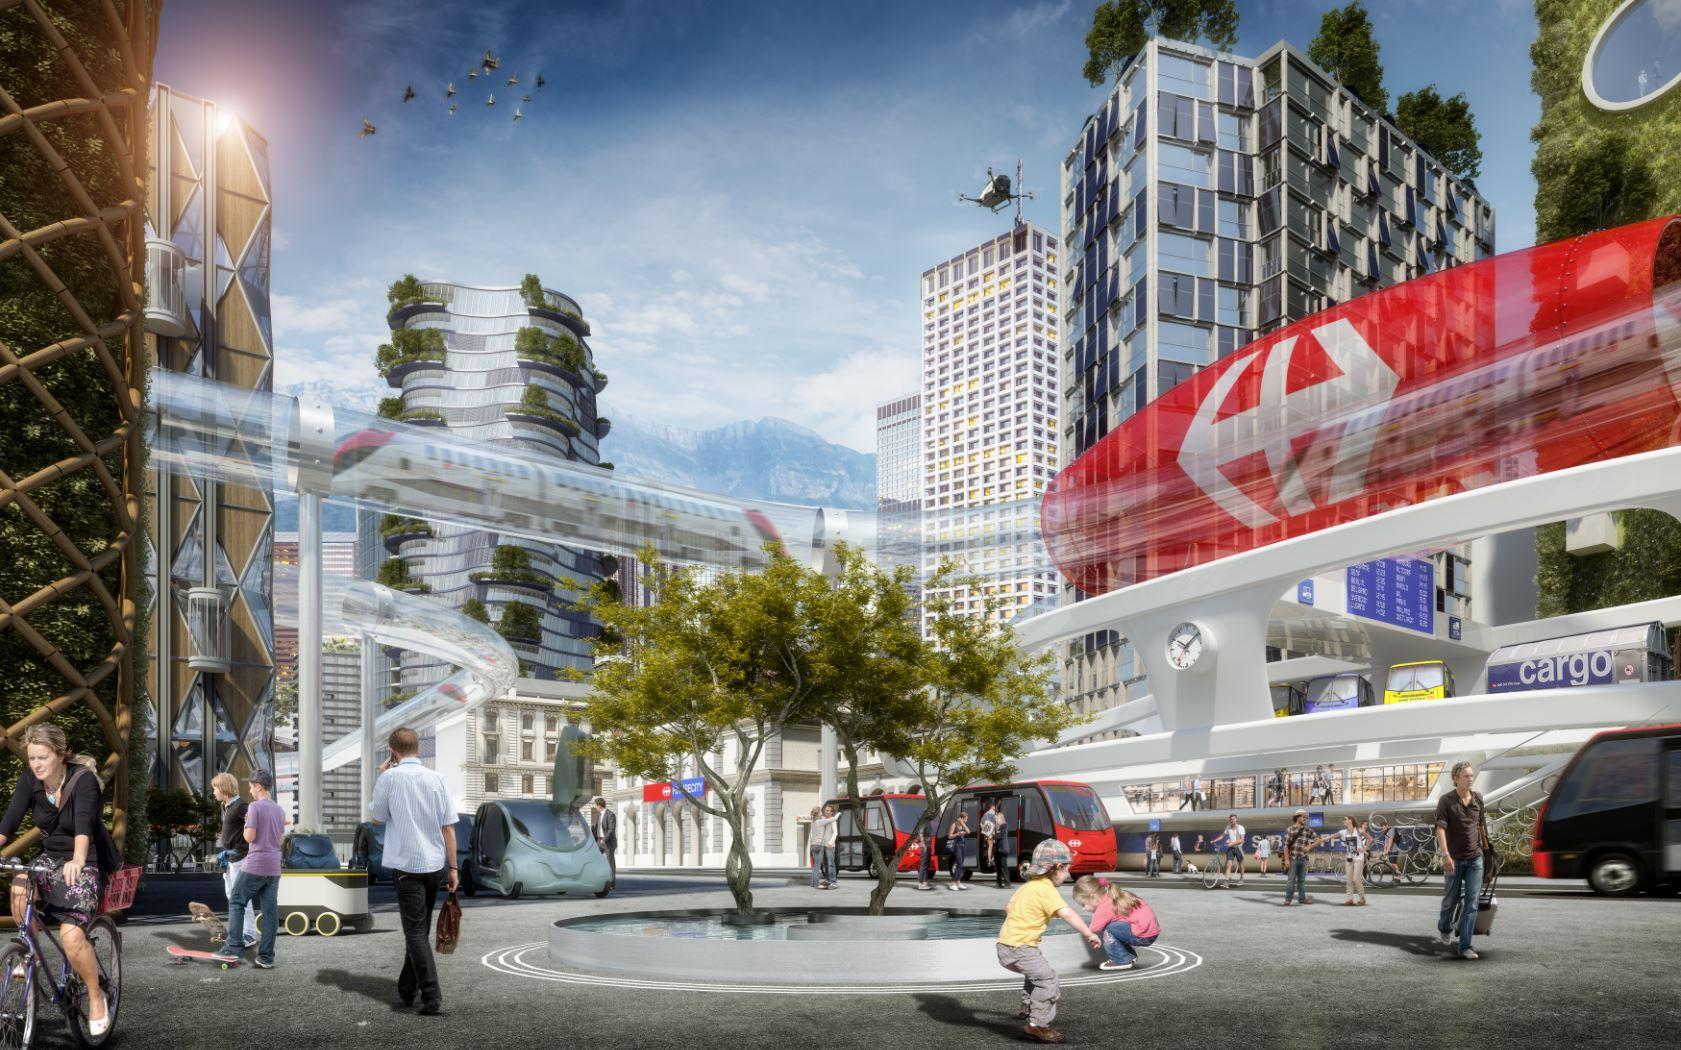 simulierte darstellung eines Bahnhofs in der Smart City